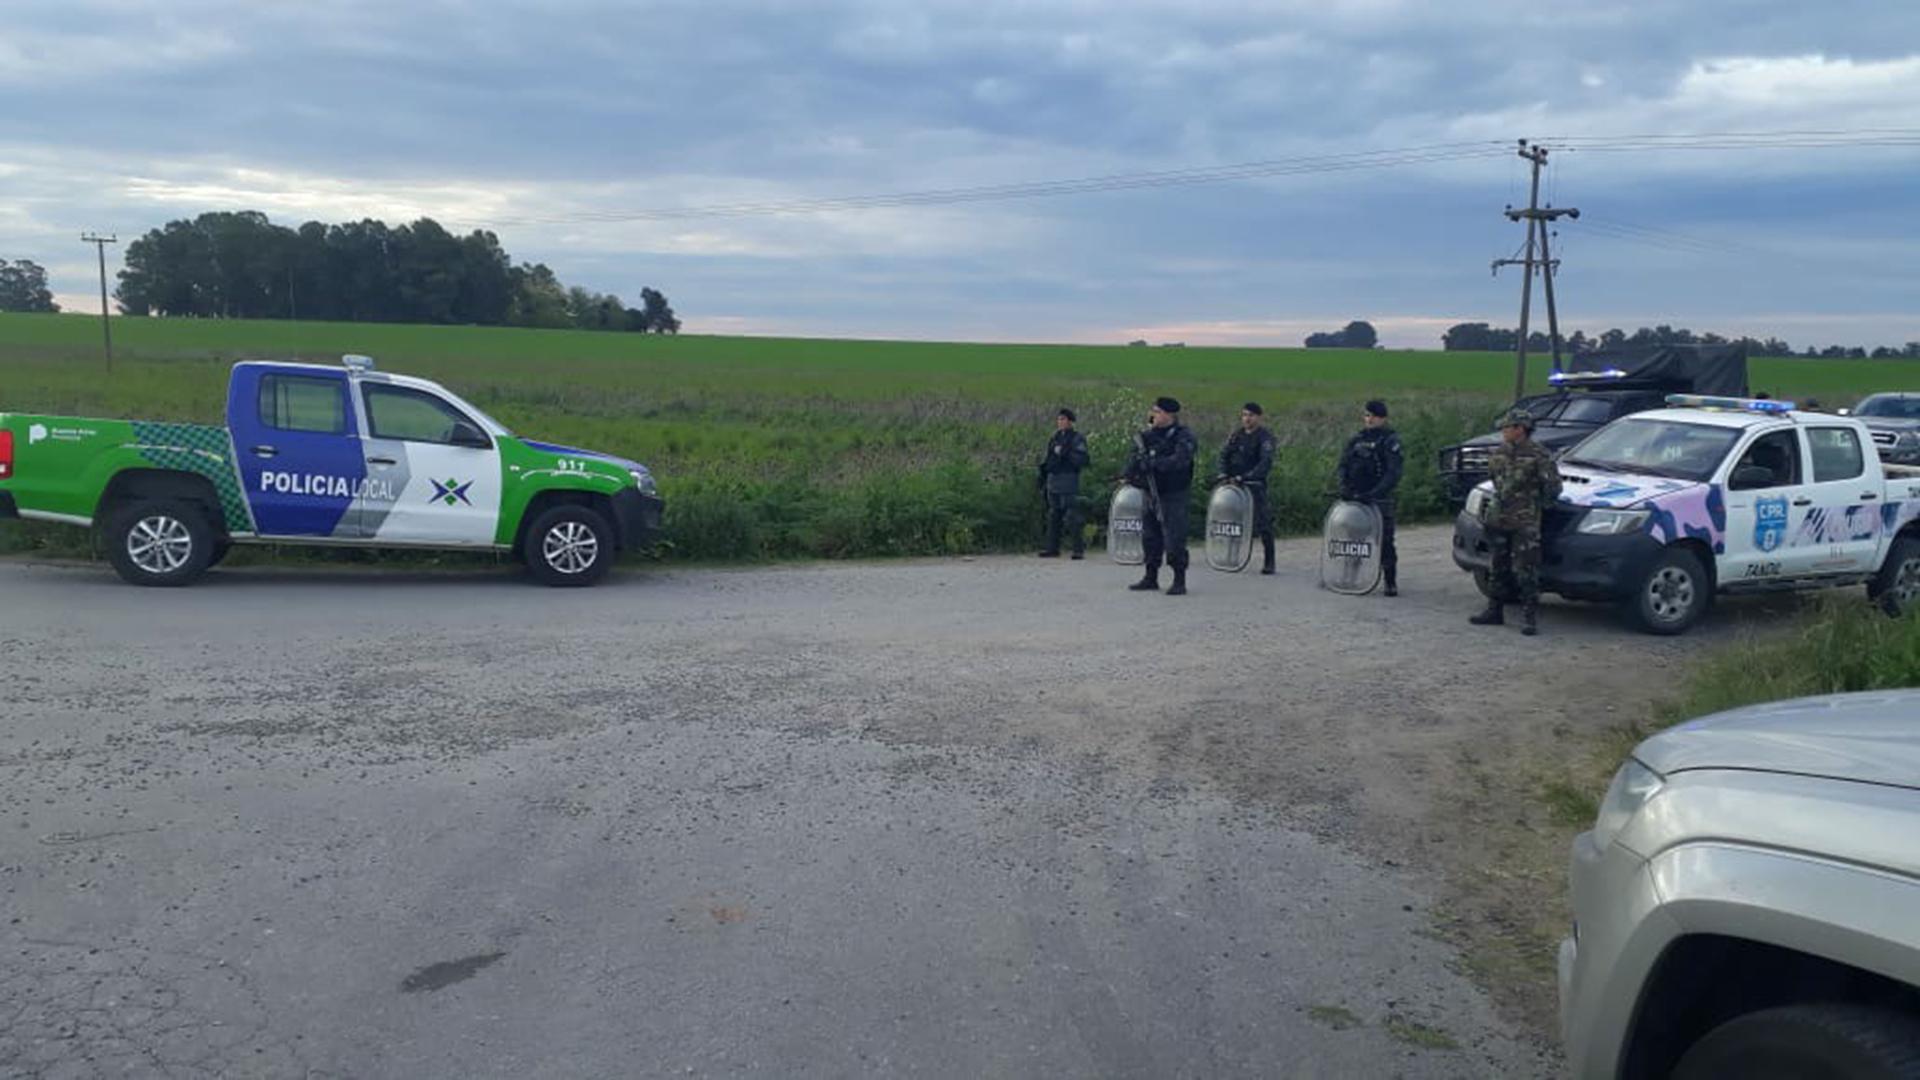 La Policía aguarda a pocos metros del lugar donde fue encontrado el cuerpo